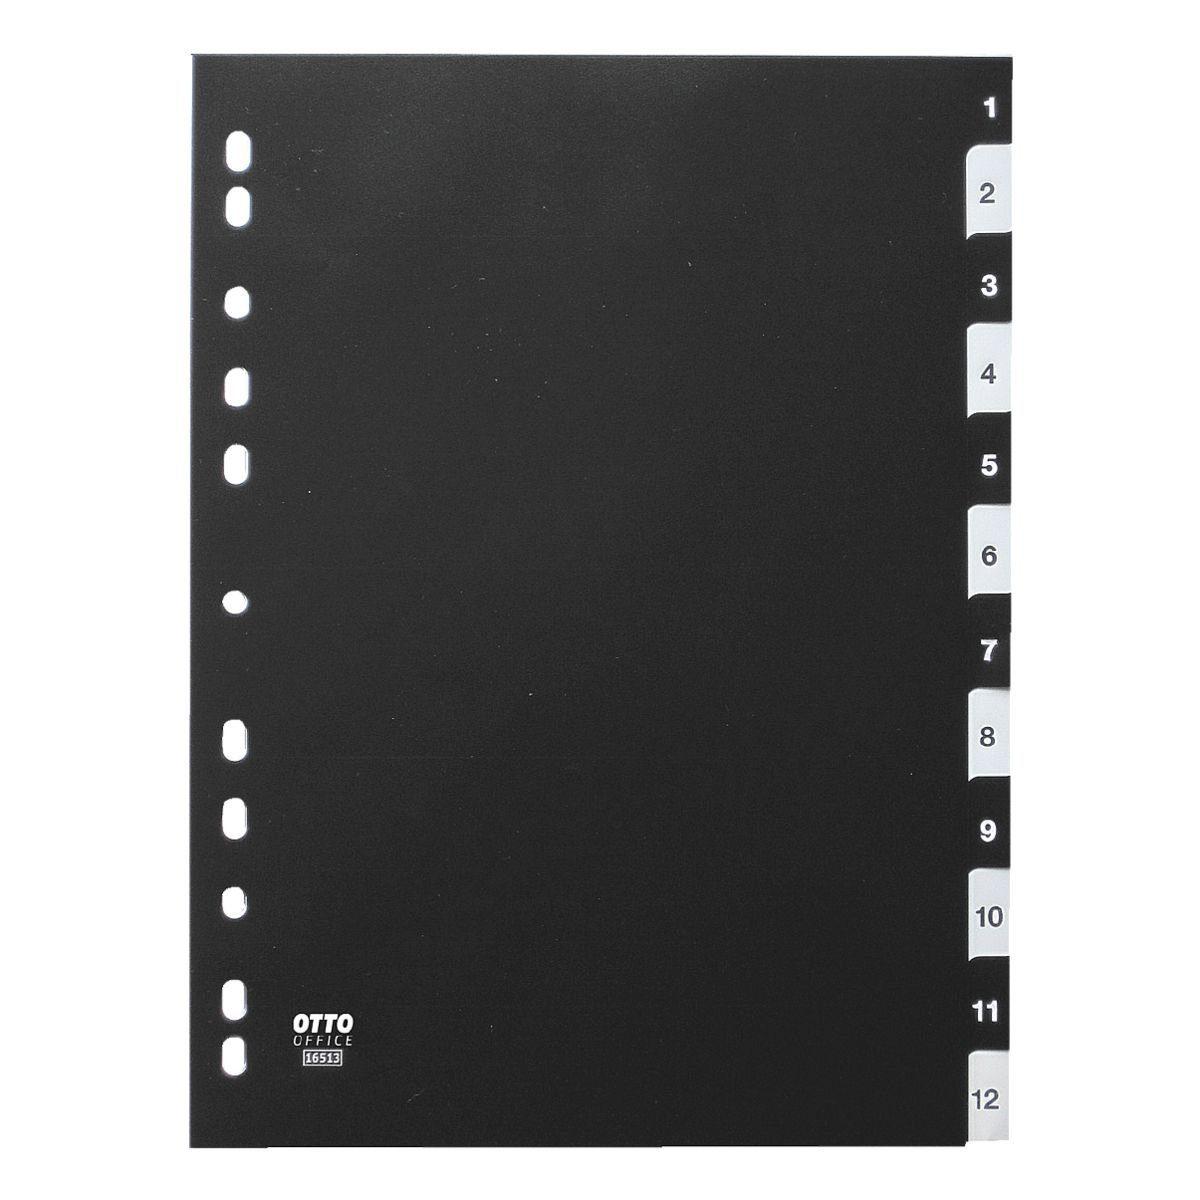 OTTOOFFICE STANDARD Kunststoffregister 1-12 A4 schwarz-weiß